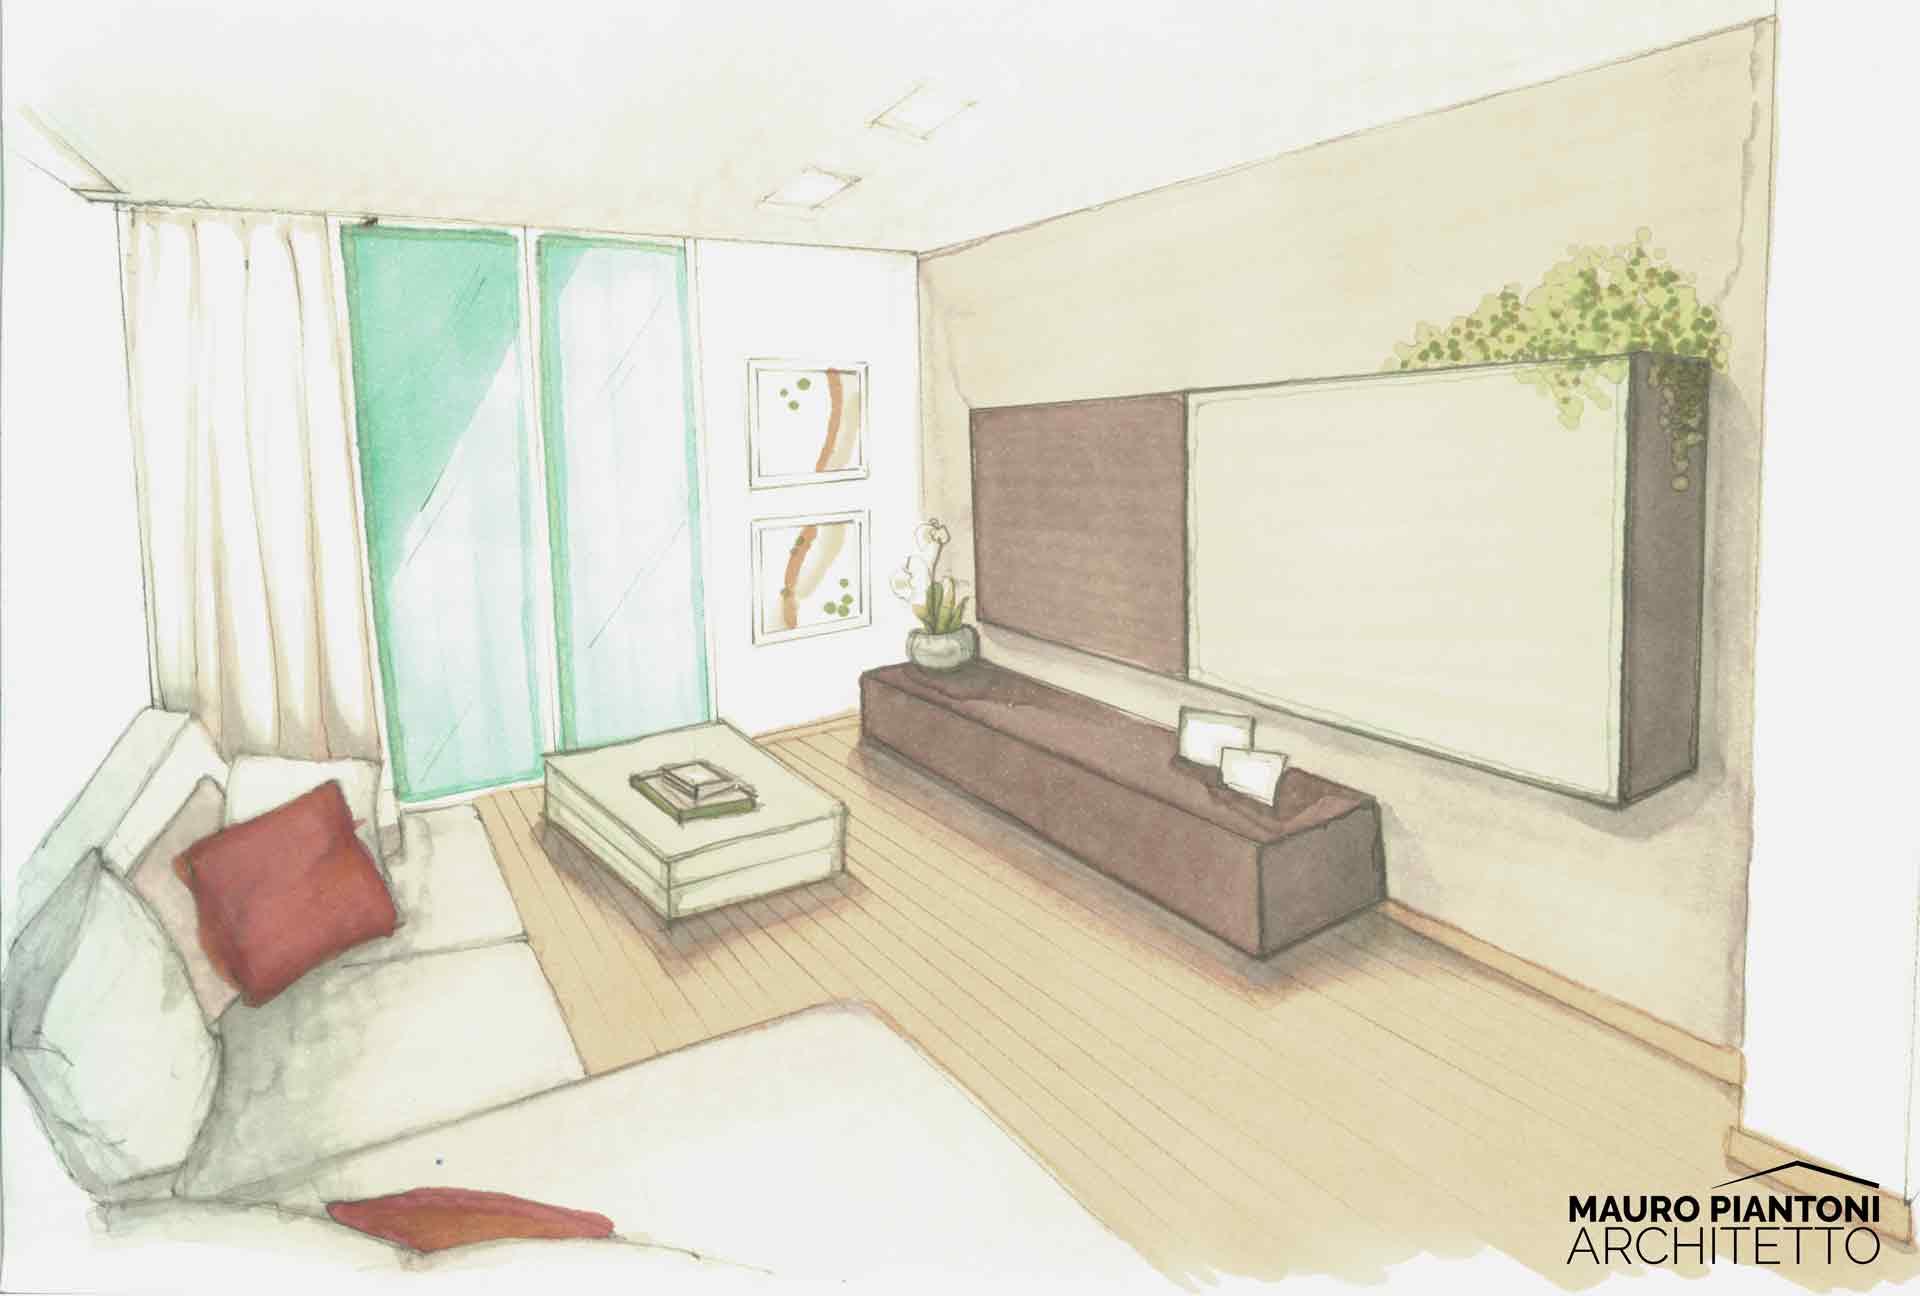 Progetti interni casa with progetti interni casa progetto finito interni casa g with progetti - Software arredamento interni ...